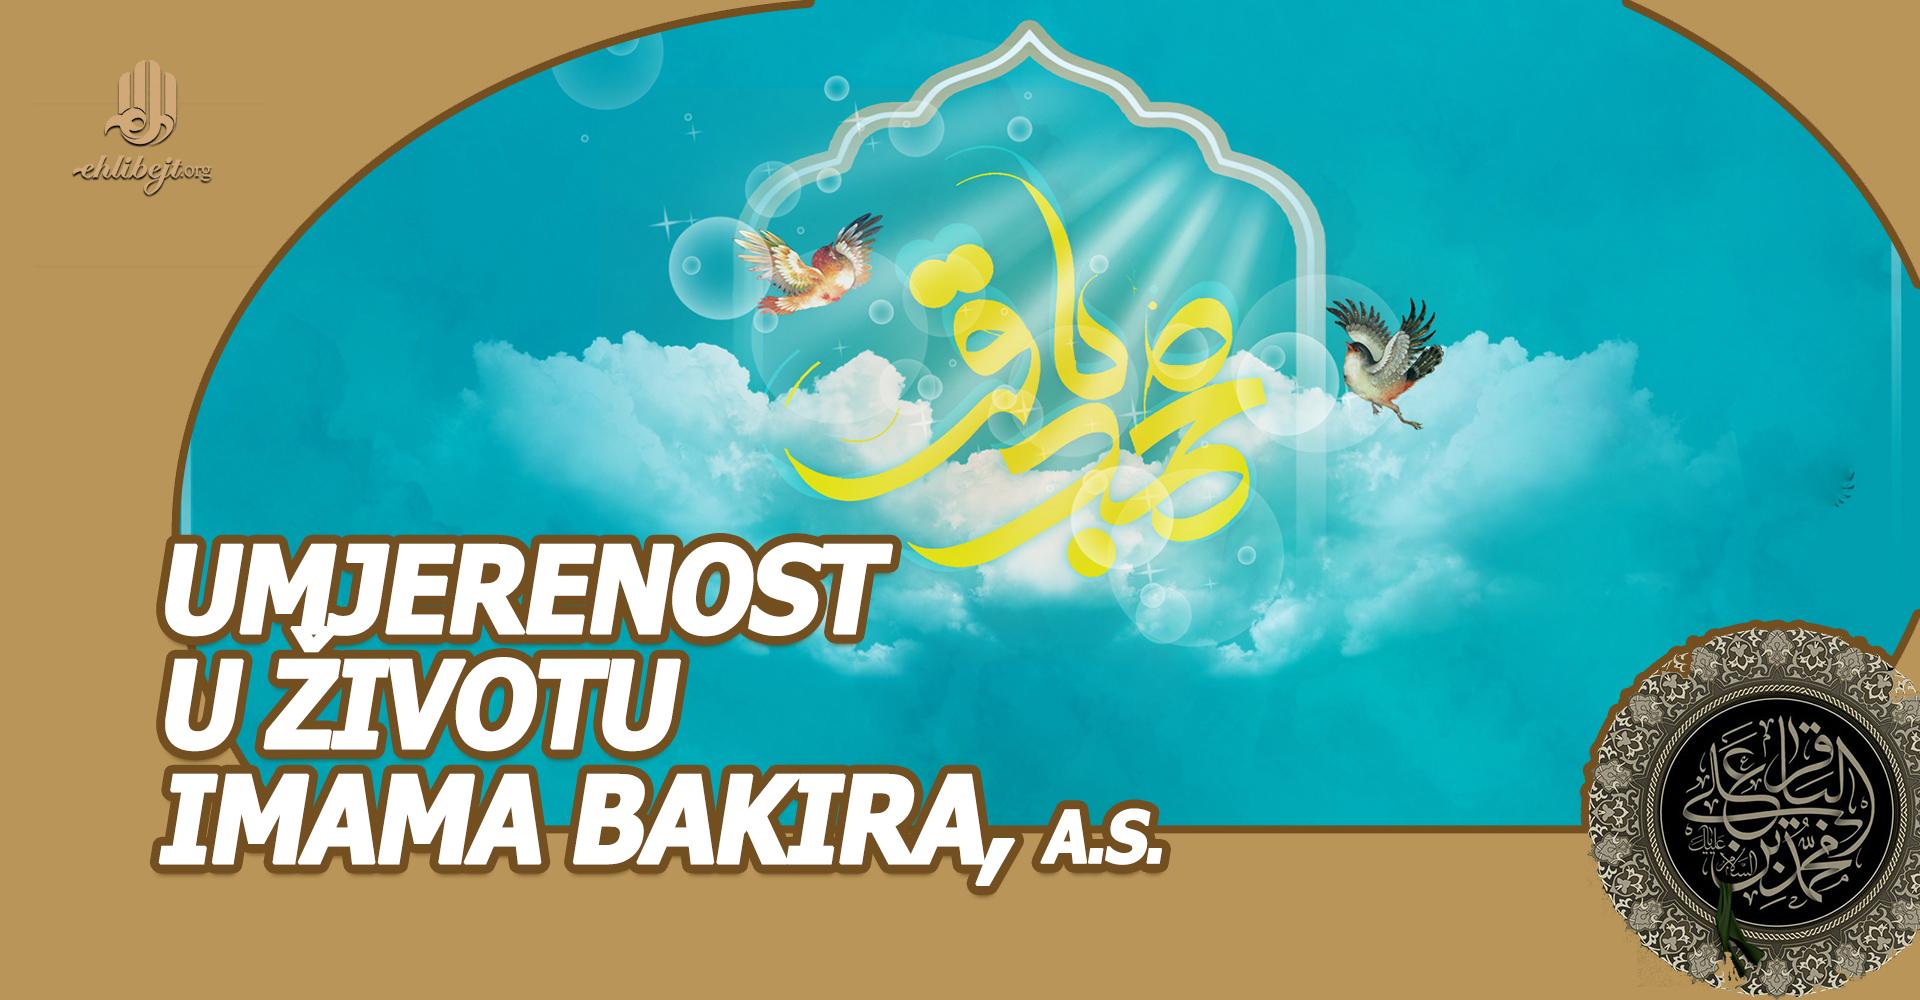 Umjerenost u životu Imama Bakira, a.s.